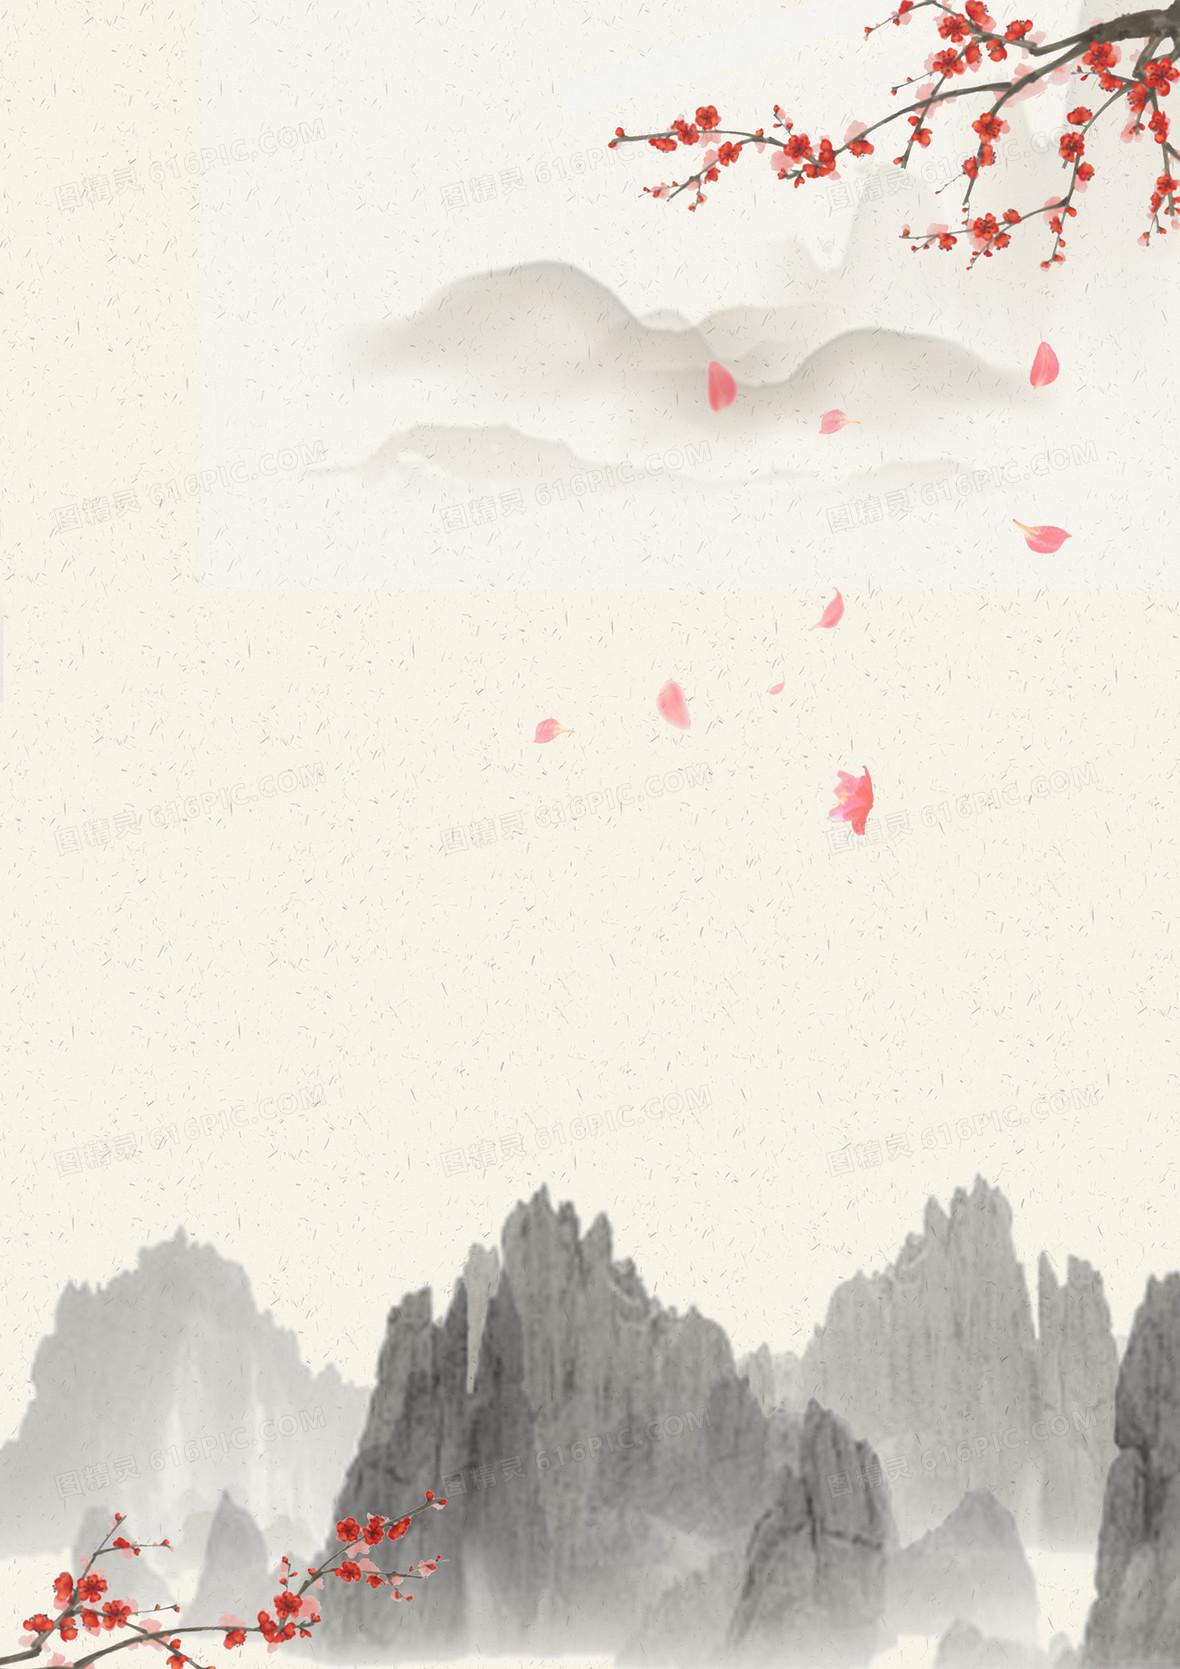 古風海報背景素材梅花背景